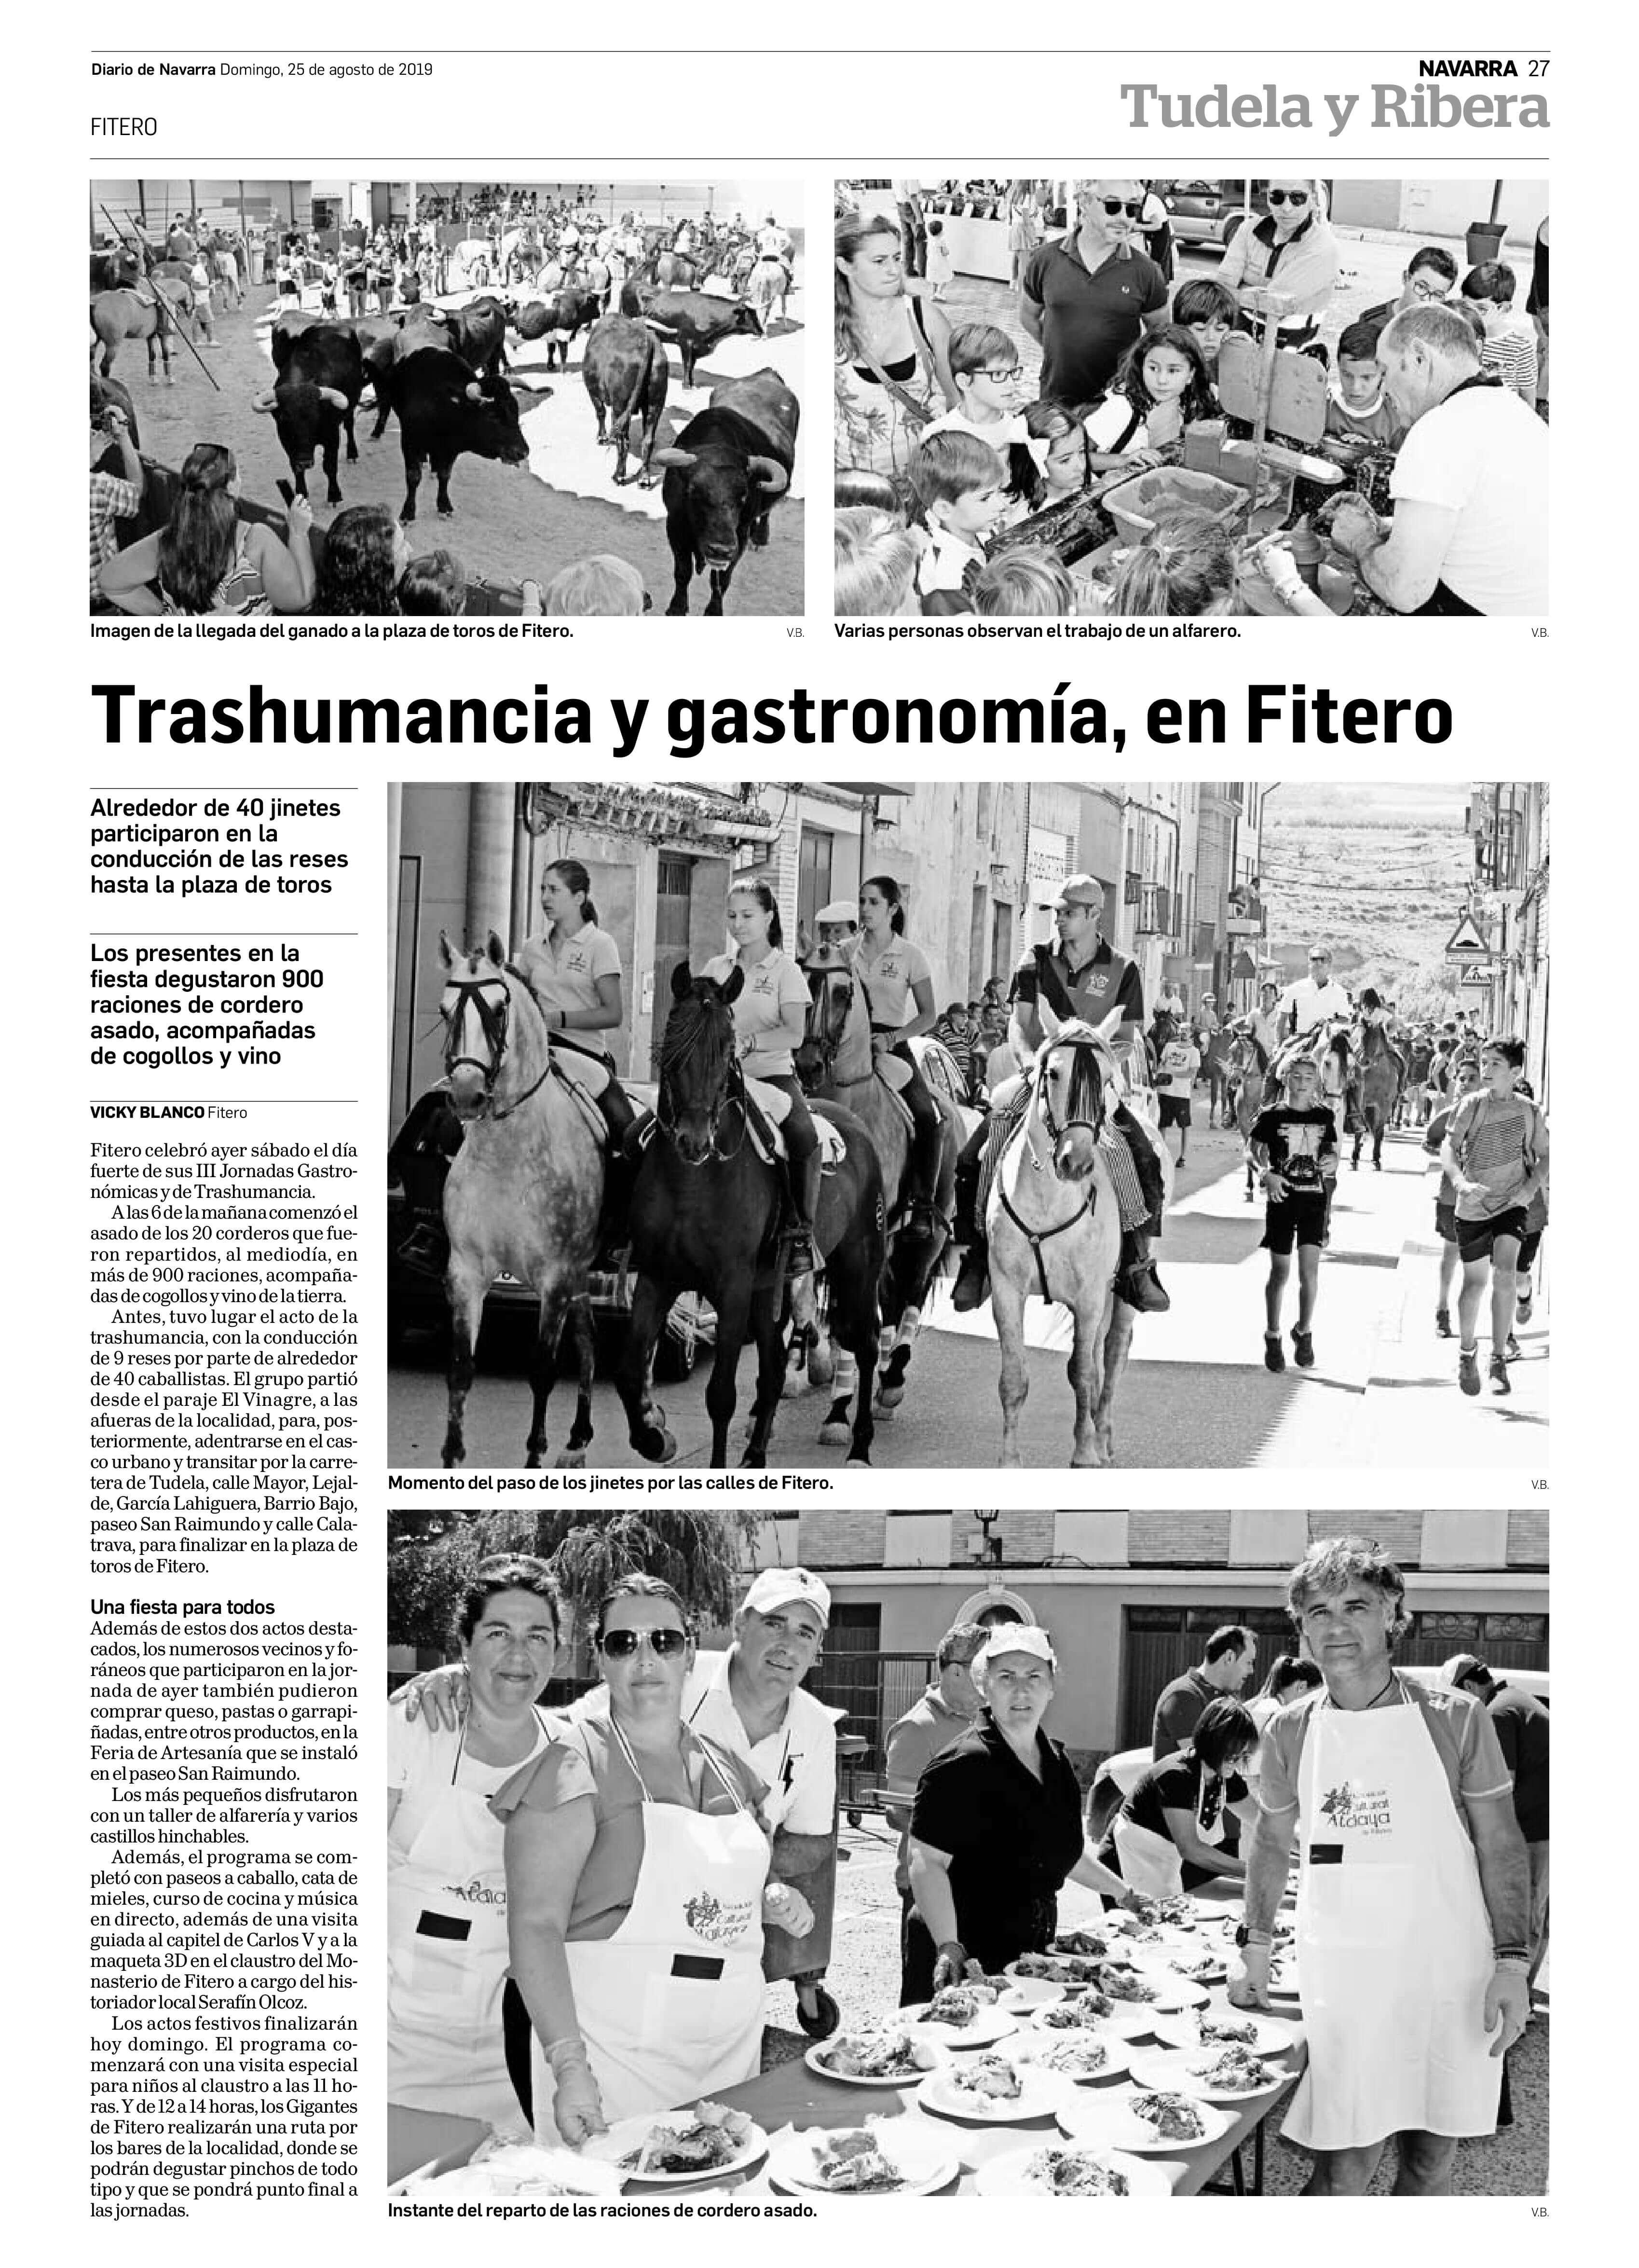 Trashumancia y gastronomía, en Fitero